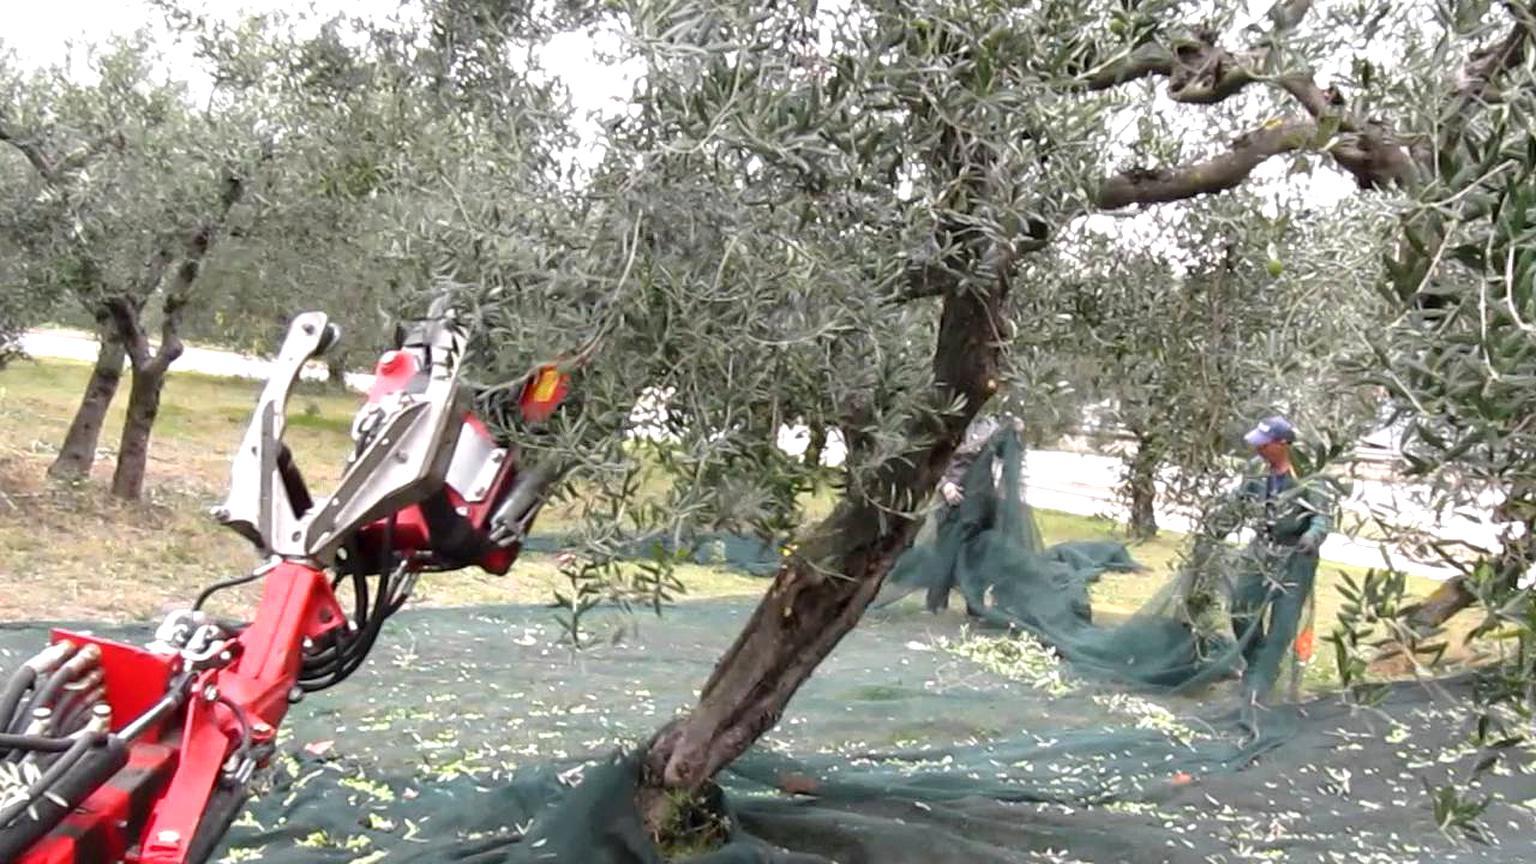 scuotitore olive usato